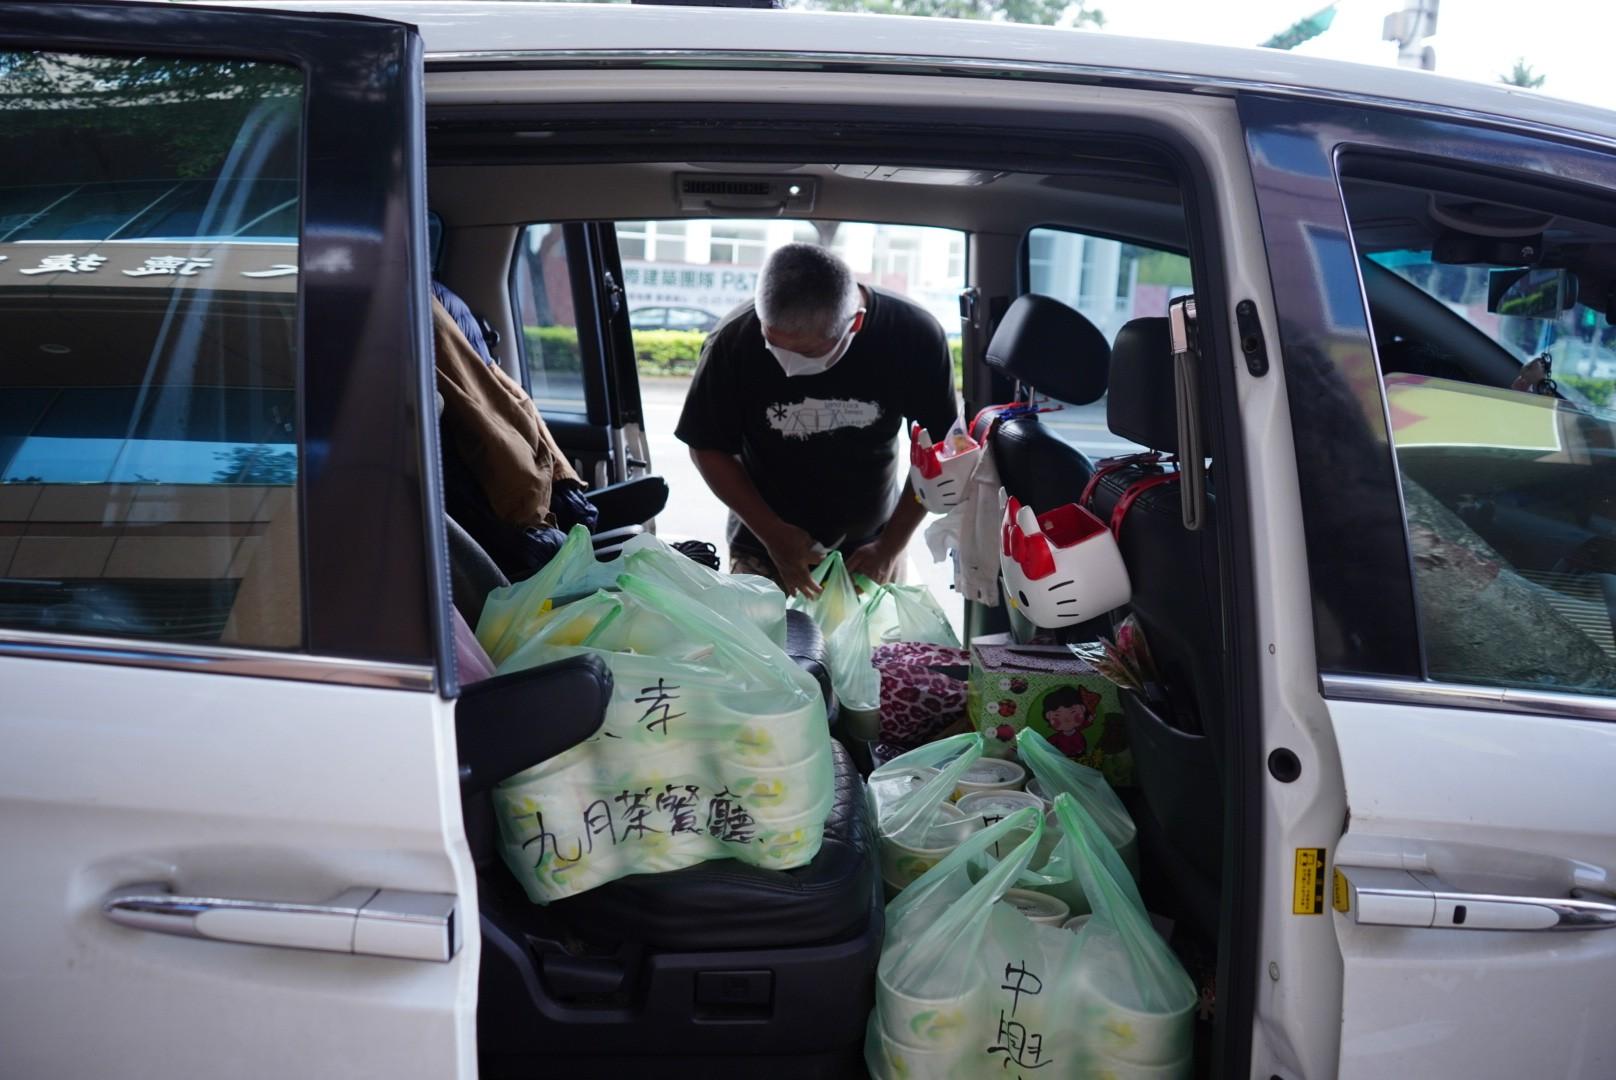 台灣人曹先生雖然要在家工作,即使住所距離餐廳很遠仍堅持每天抽時間幫忙送餐。(文海欣攝)